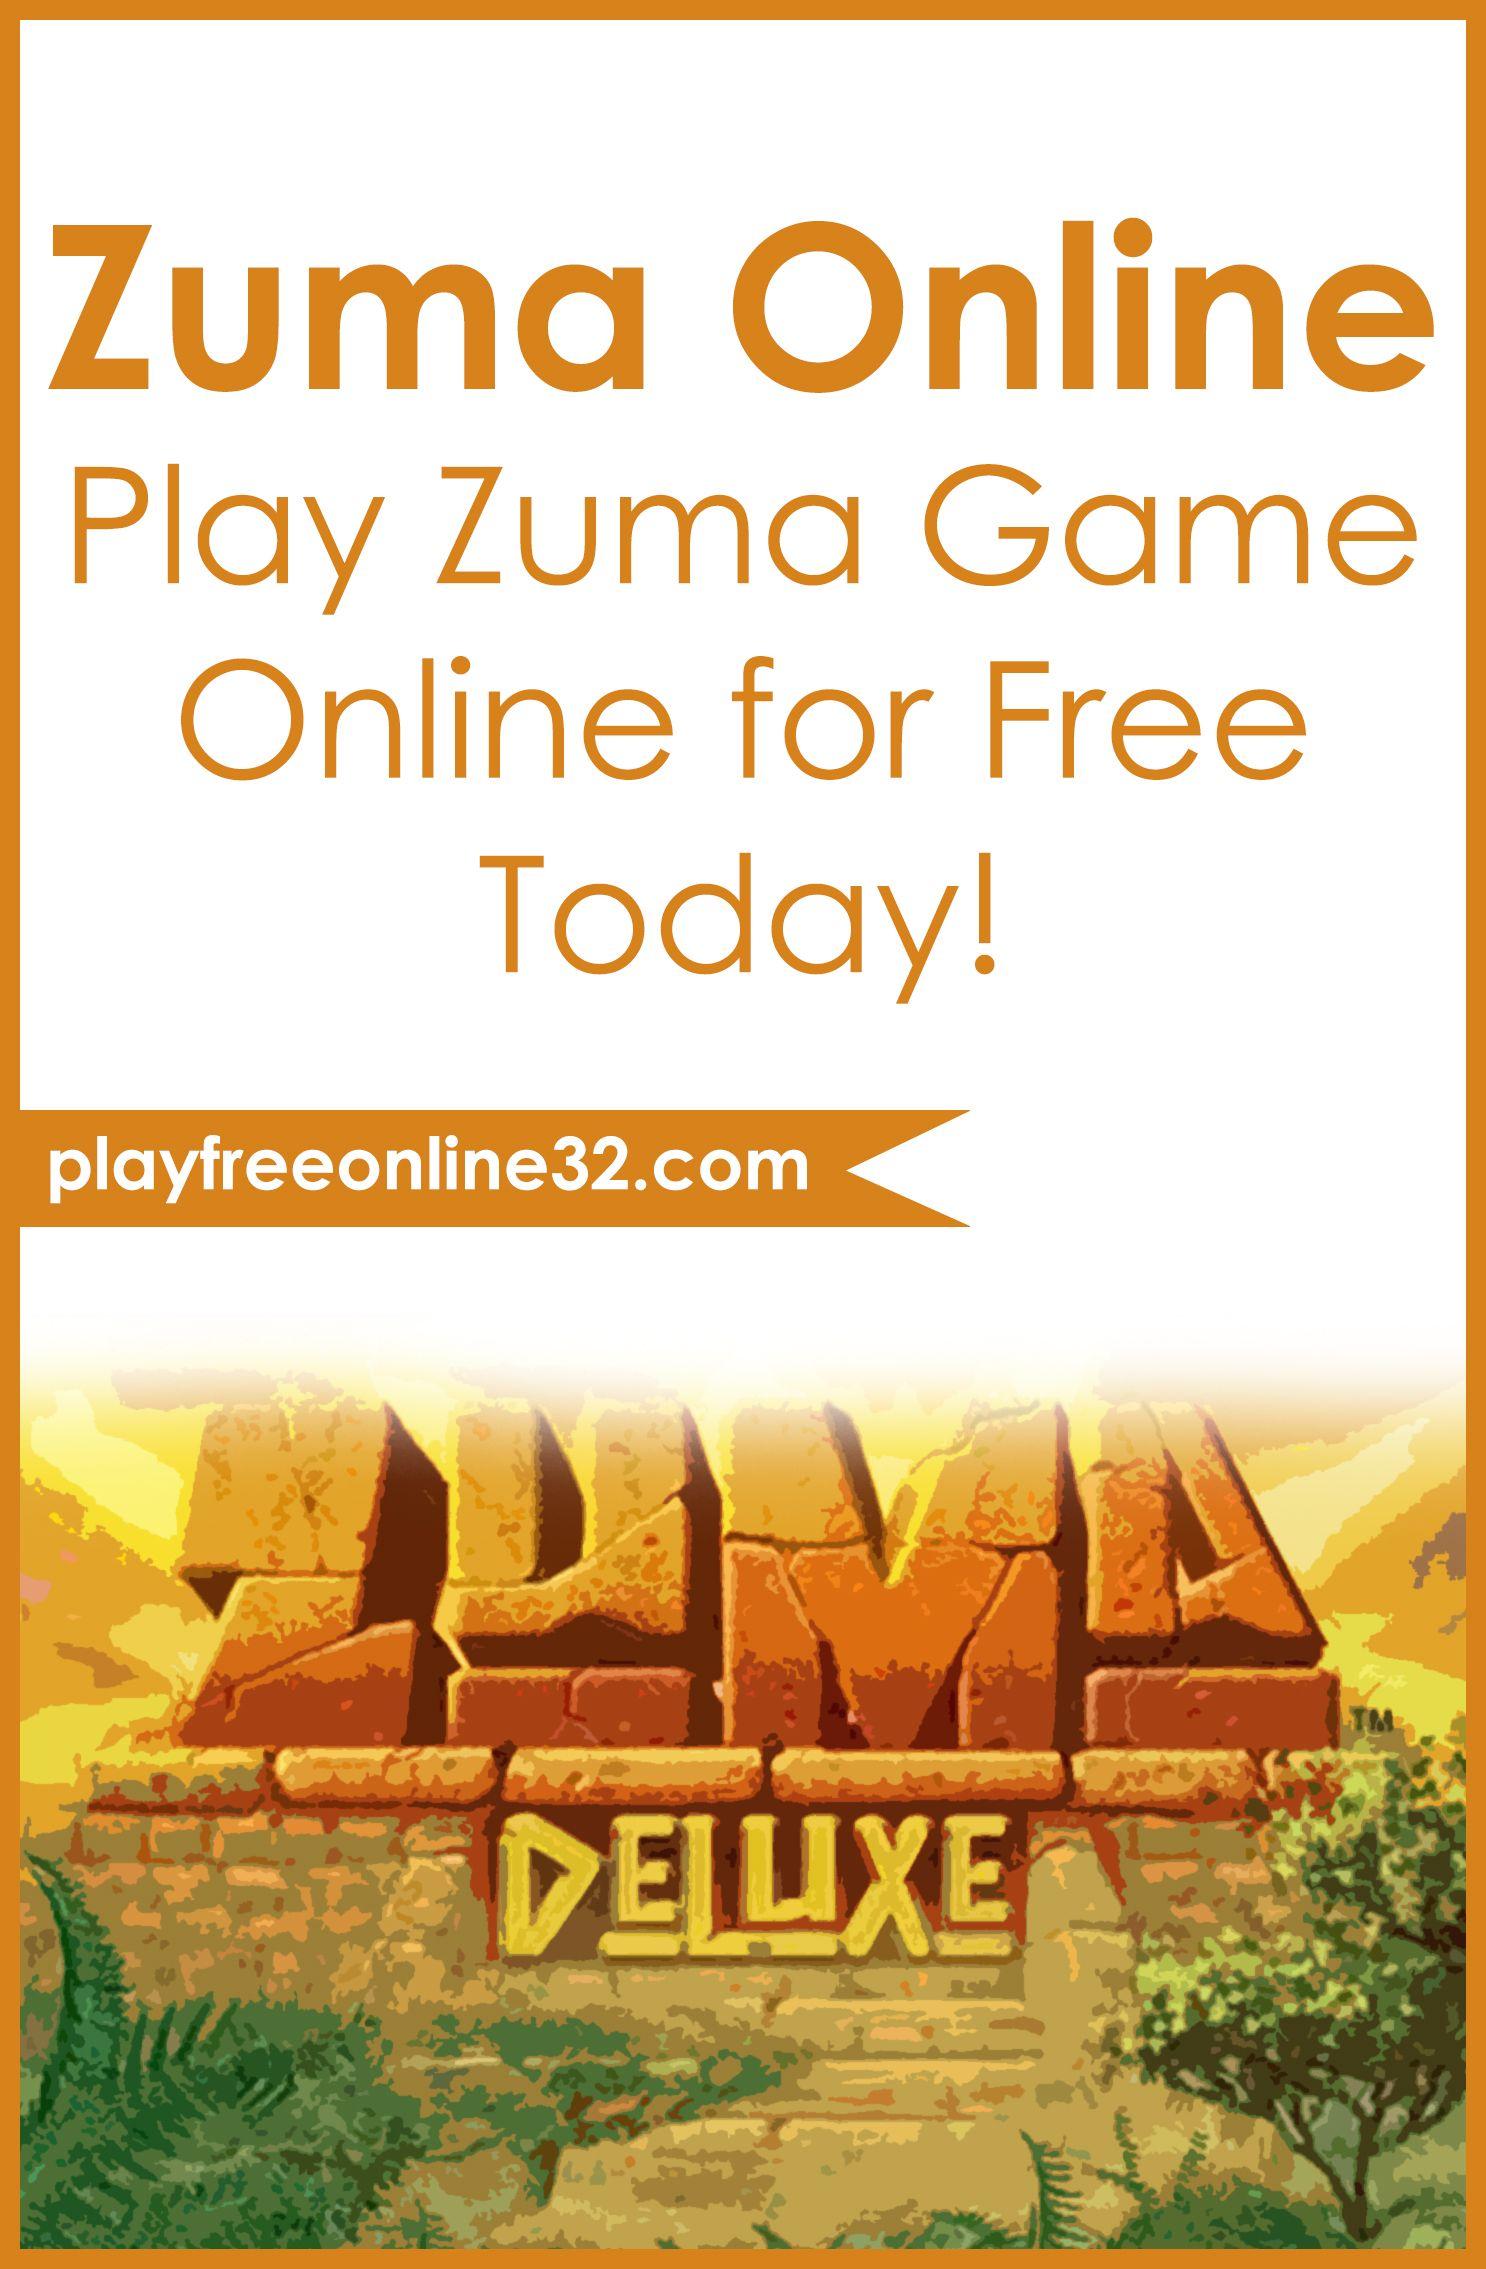 Zuma Online Play Zuma Game Online For Free Today Zuma